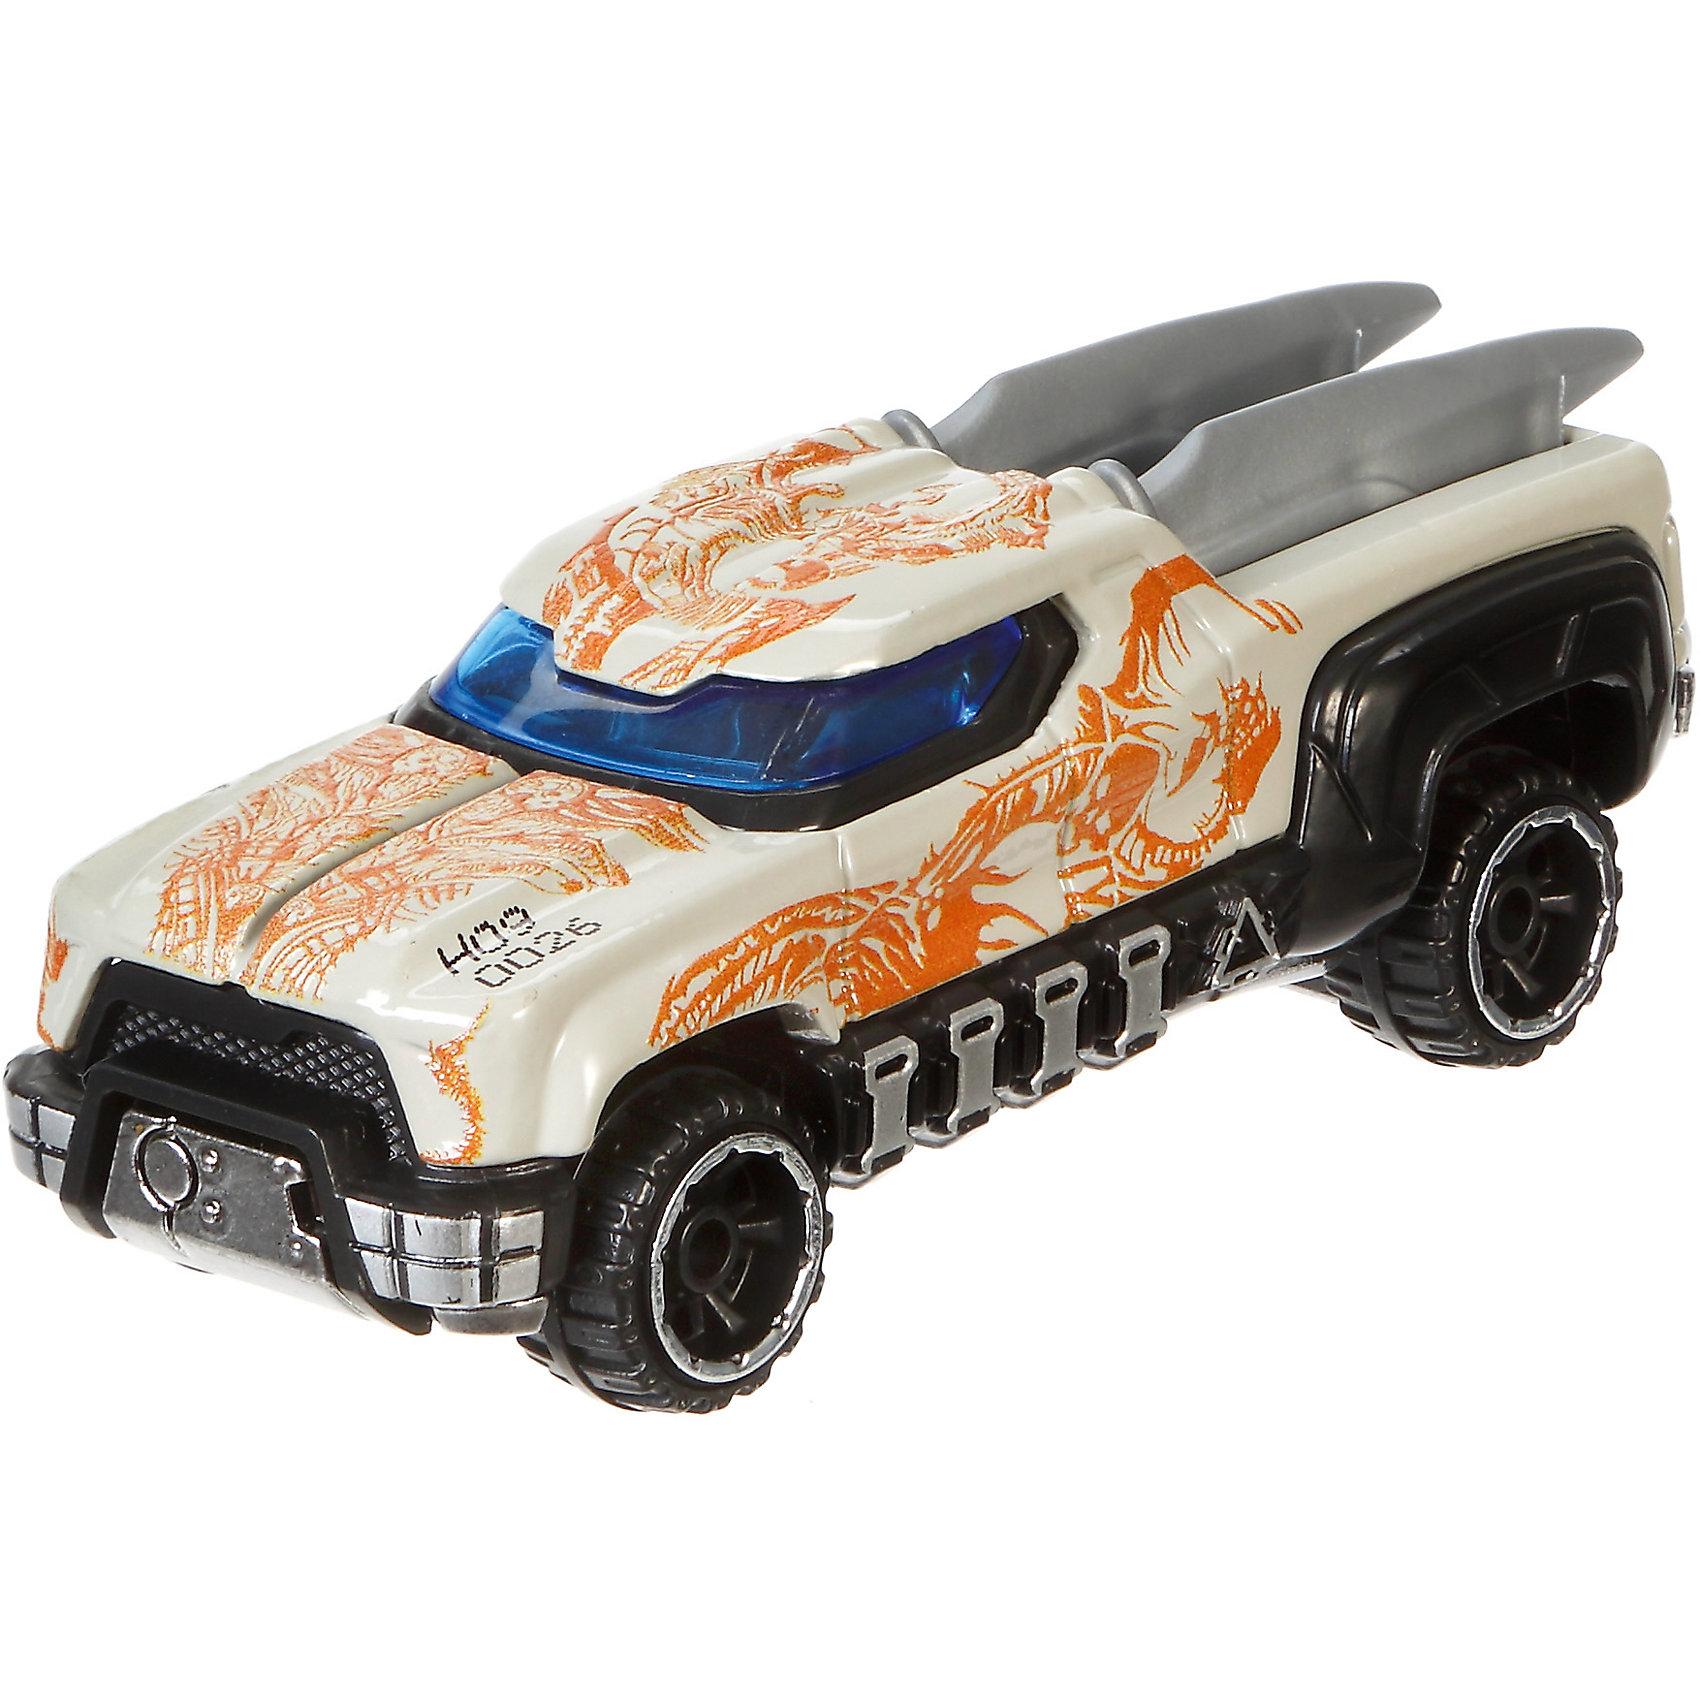 Машинка героев Marvel, Hot WheelsОтличный подарок для любителей комиксов Marvel про супергероев - машинки от Hot Wheels. В каждой машинке можно легко узнать прототип. Из машинок в масштабе 1:64 можно собрать коллекцию!<br> Игрушка выполнена так, что с виду она кажется точной копией настоящей машины супергероя благодаря внимательному отношению к деталям. <br>Игрушка имеет такой размер, при котором ребенку удобно держать её в руках, а также брать с собой в гости или на прогулку. Такие игрушки помогают развить мелкую моторику, логическое мышление и воображение ребенка. Эта игрушка выполнена из высококачественного прочного пластика, безопасного для детей.<br>  <br>Дополнительная информация:<br><br>масштаб: 1:64; <br>цвет: разноцветный;<br>материал: пластик.<br><br>Машинки героев Marvel, Hot Wheels (Хот Вилс) от компании Mattel можно купить в нашем магазине.<br><br>Ширина мм: 145<br>Глубина мм: 50<br>Высота мм: 170<br>Вес г: 54<br>Возраст от месяцев: 36<br>Возраст до месяцев: 84<br>Пол: Мужской<br>Возраст: Детский<br>SKU: 4791111